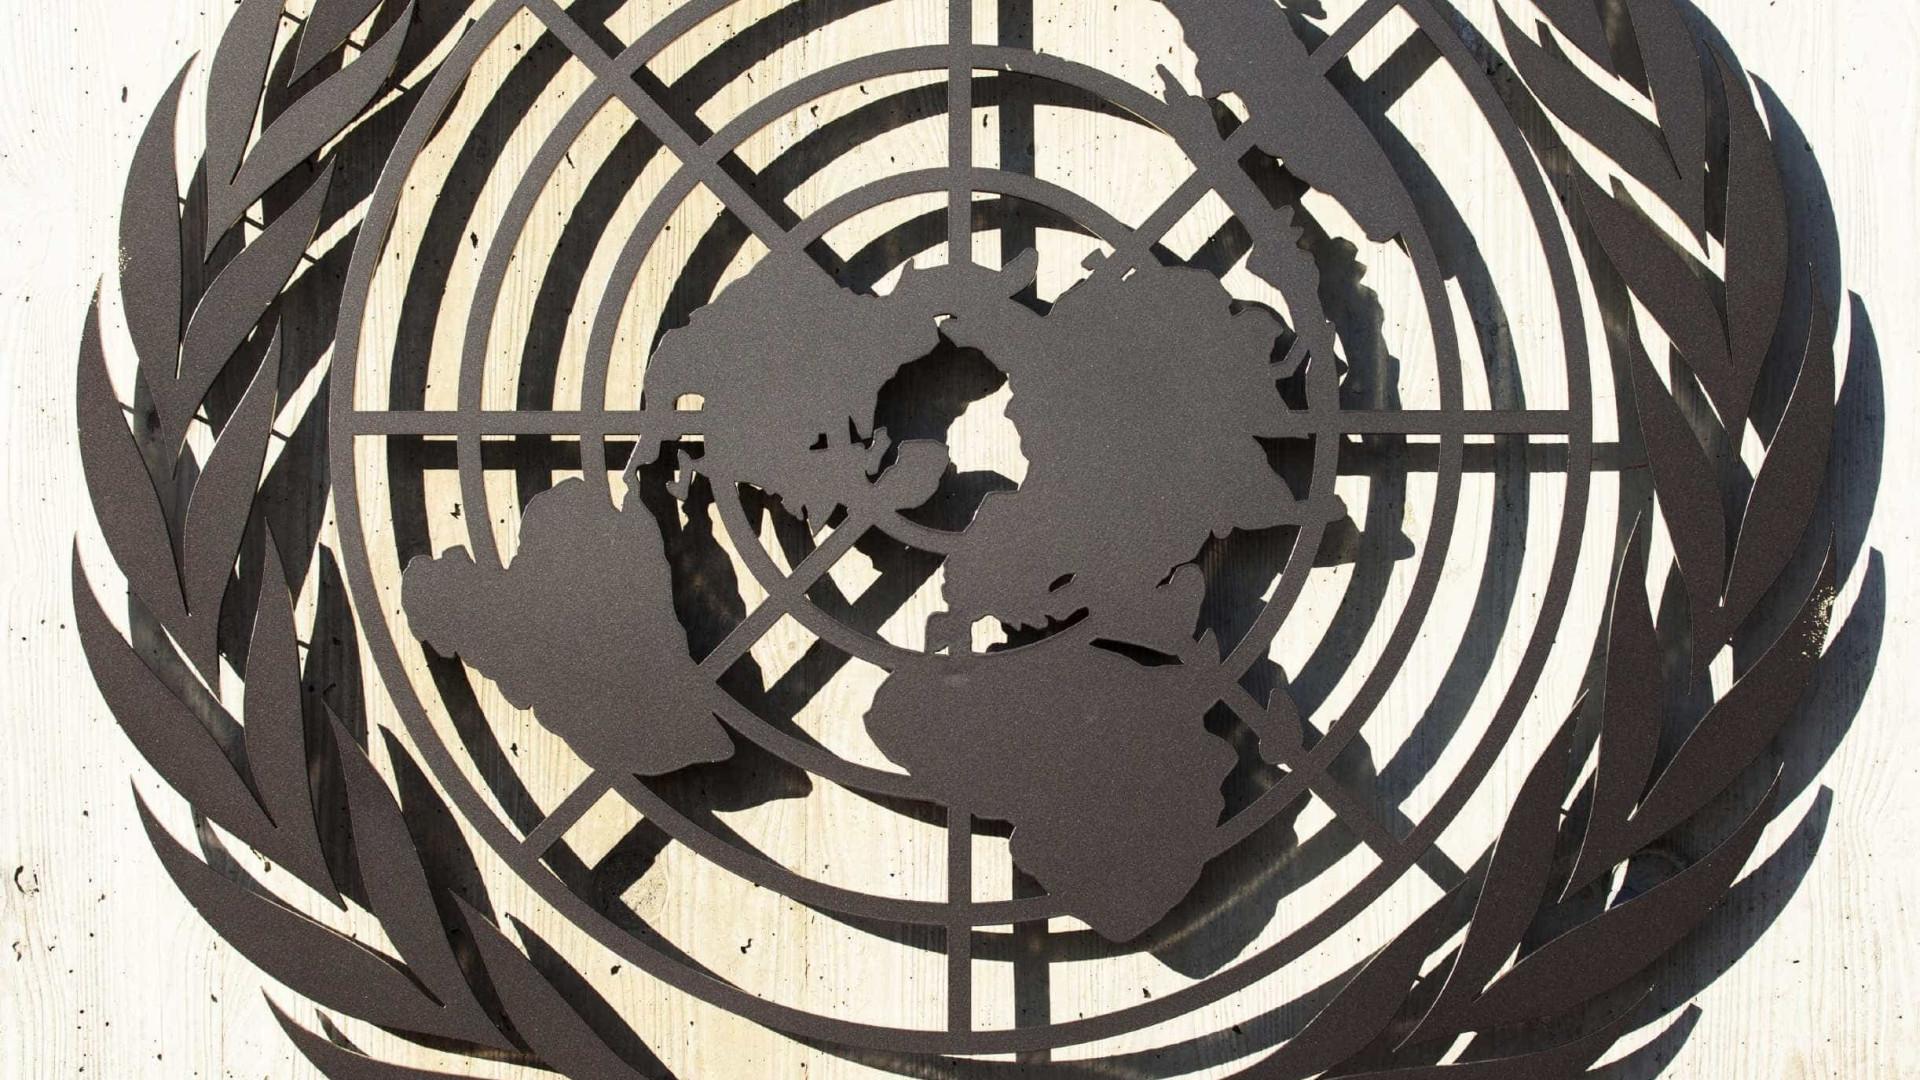 Trabalhadores da agência da ONU para palestinianos em greve na Jordânia